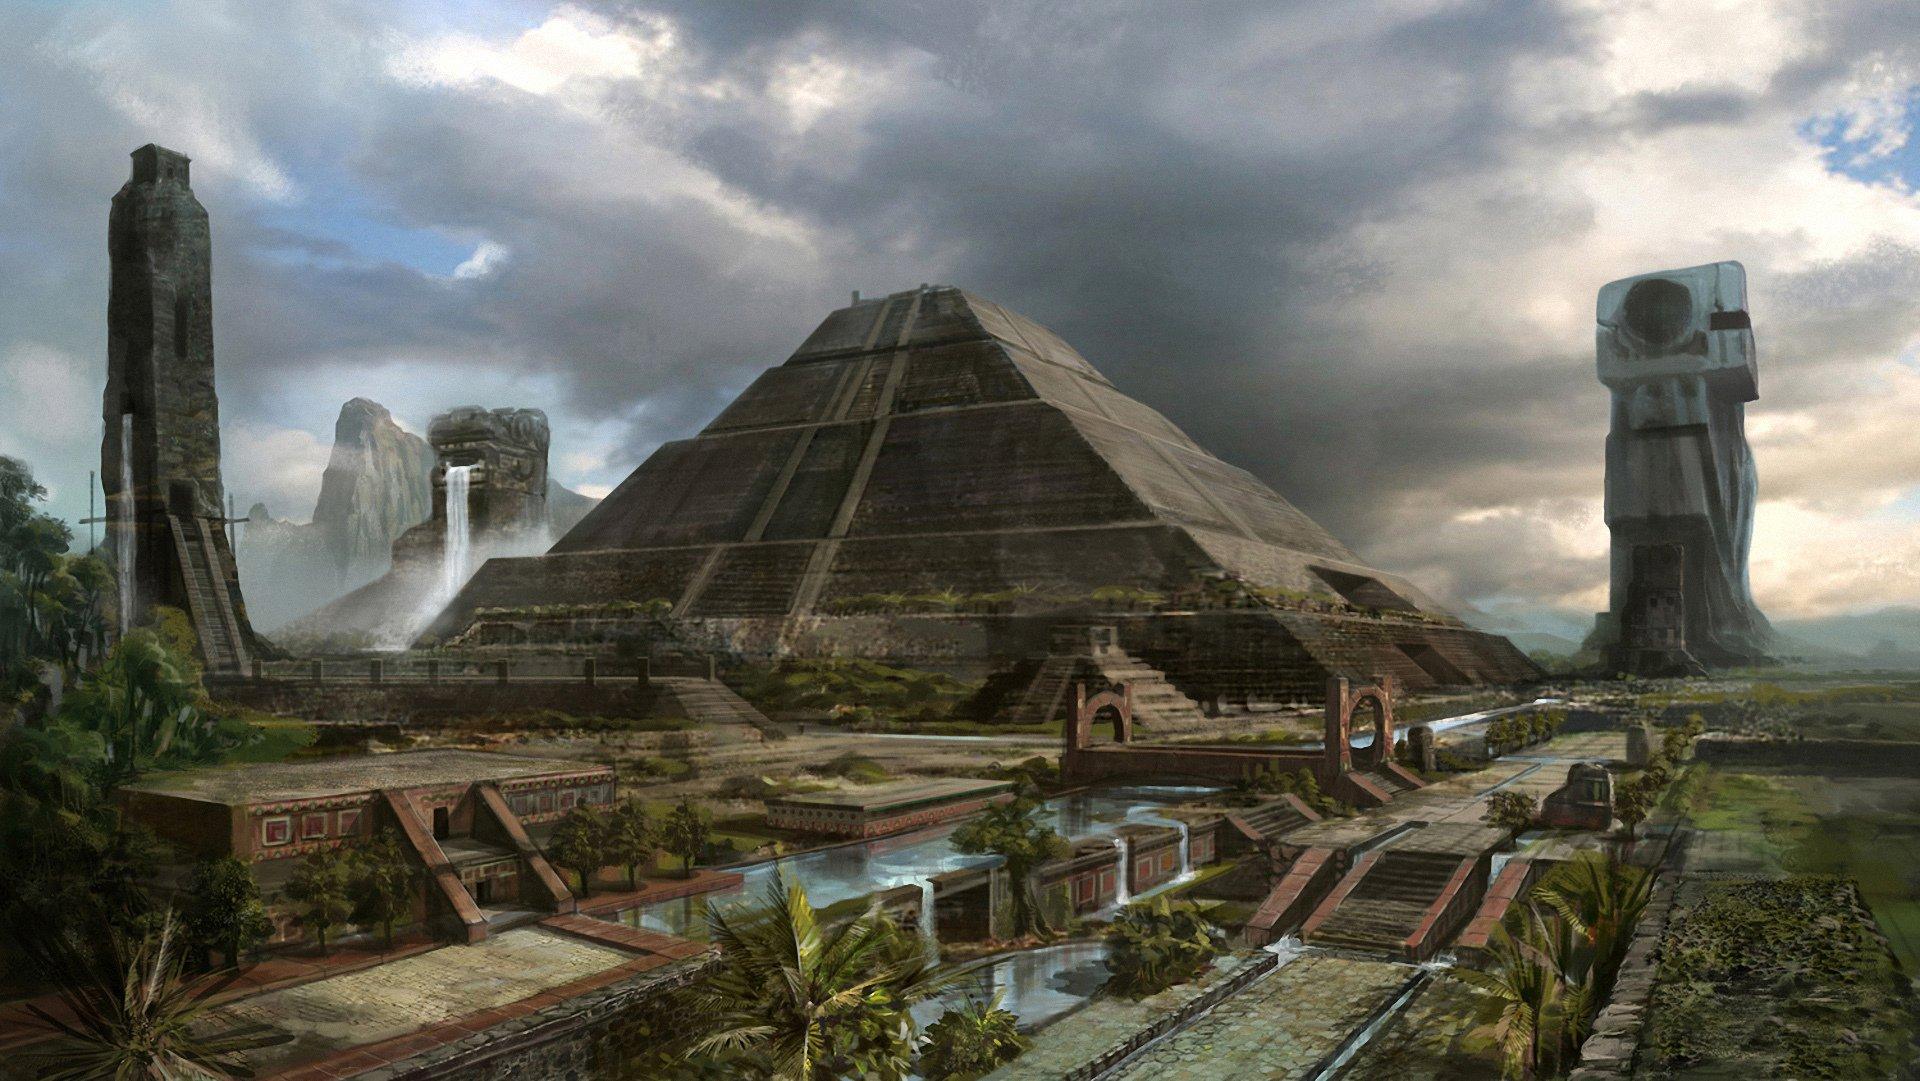 10 major achievements of the ancient aztec civilization - HD1920×1081